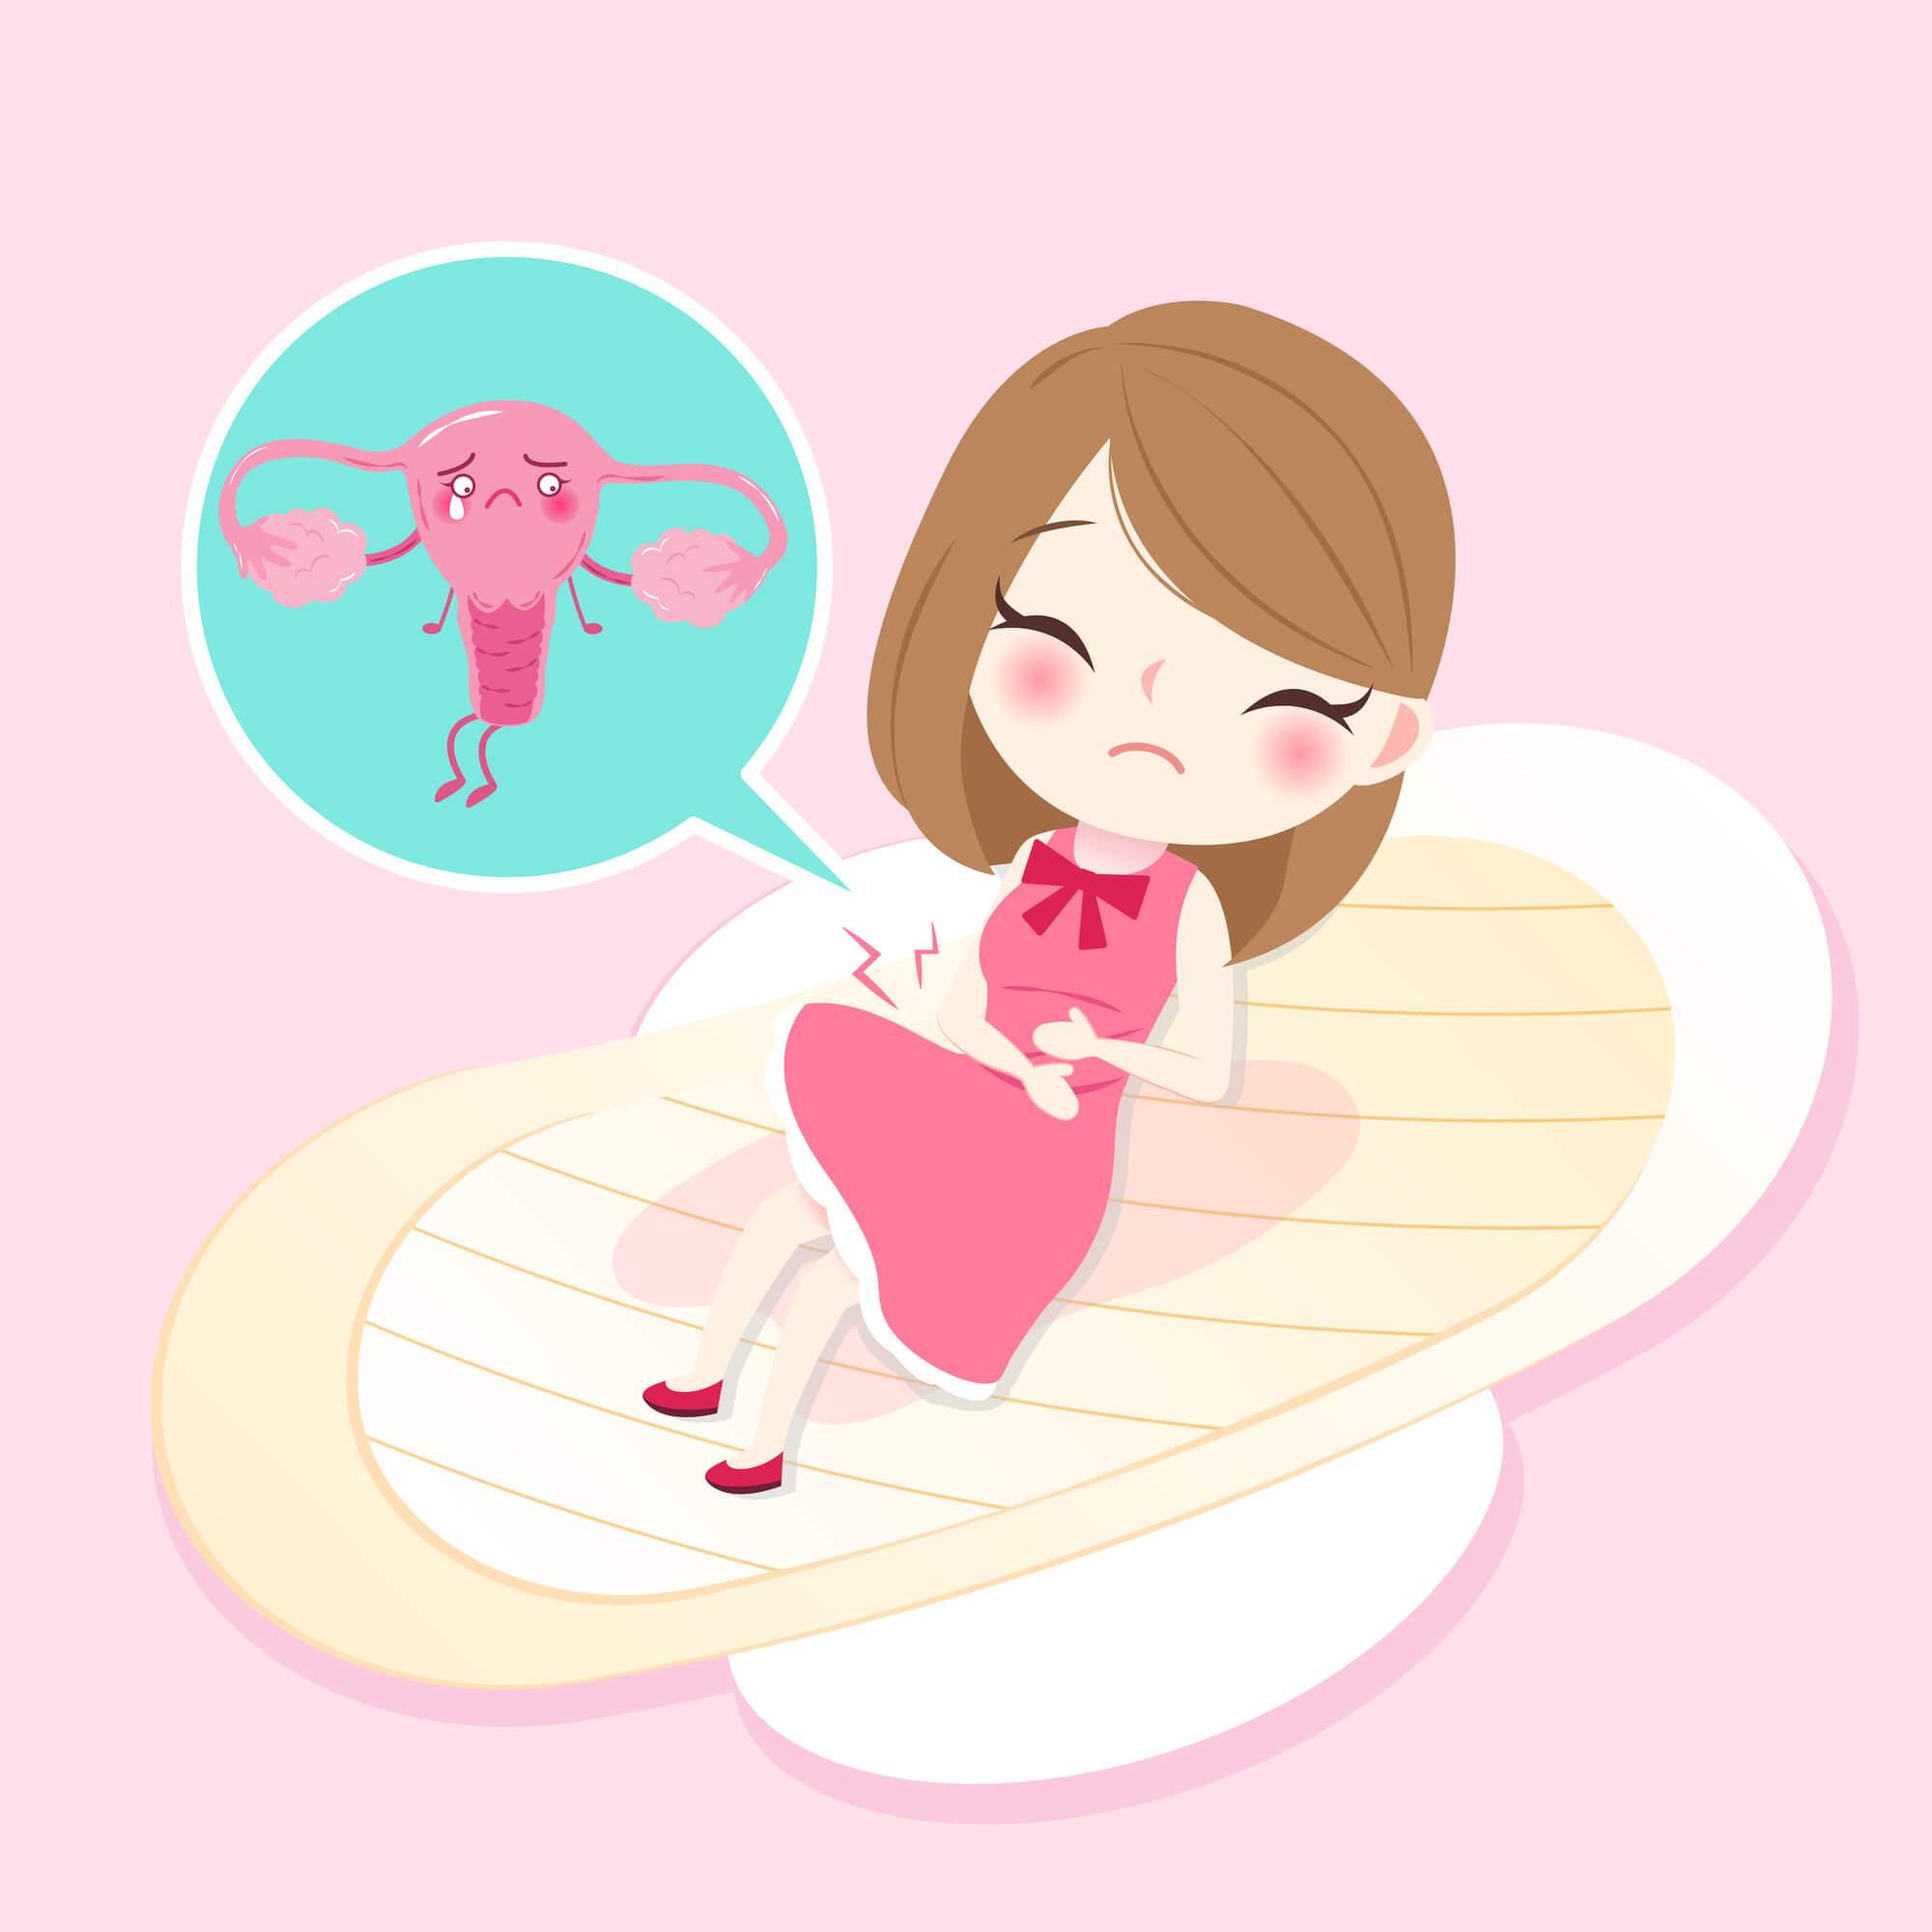 听说泰国杰特宁有一个叫Piyaphan的女医生,不知道有没有朋友在她那里做过试管婴儿的手术?她专业怎么样?